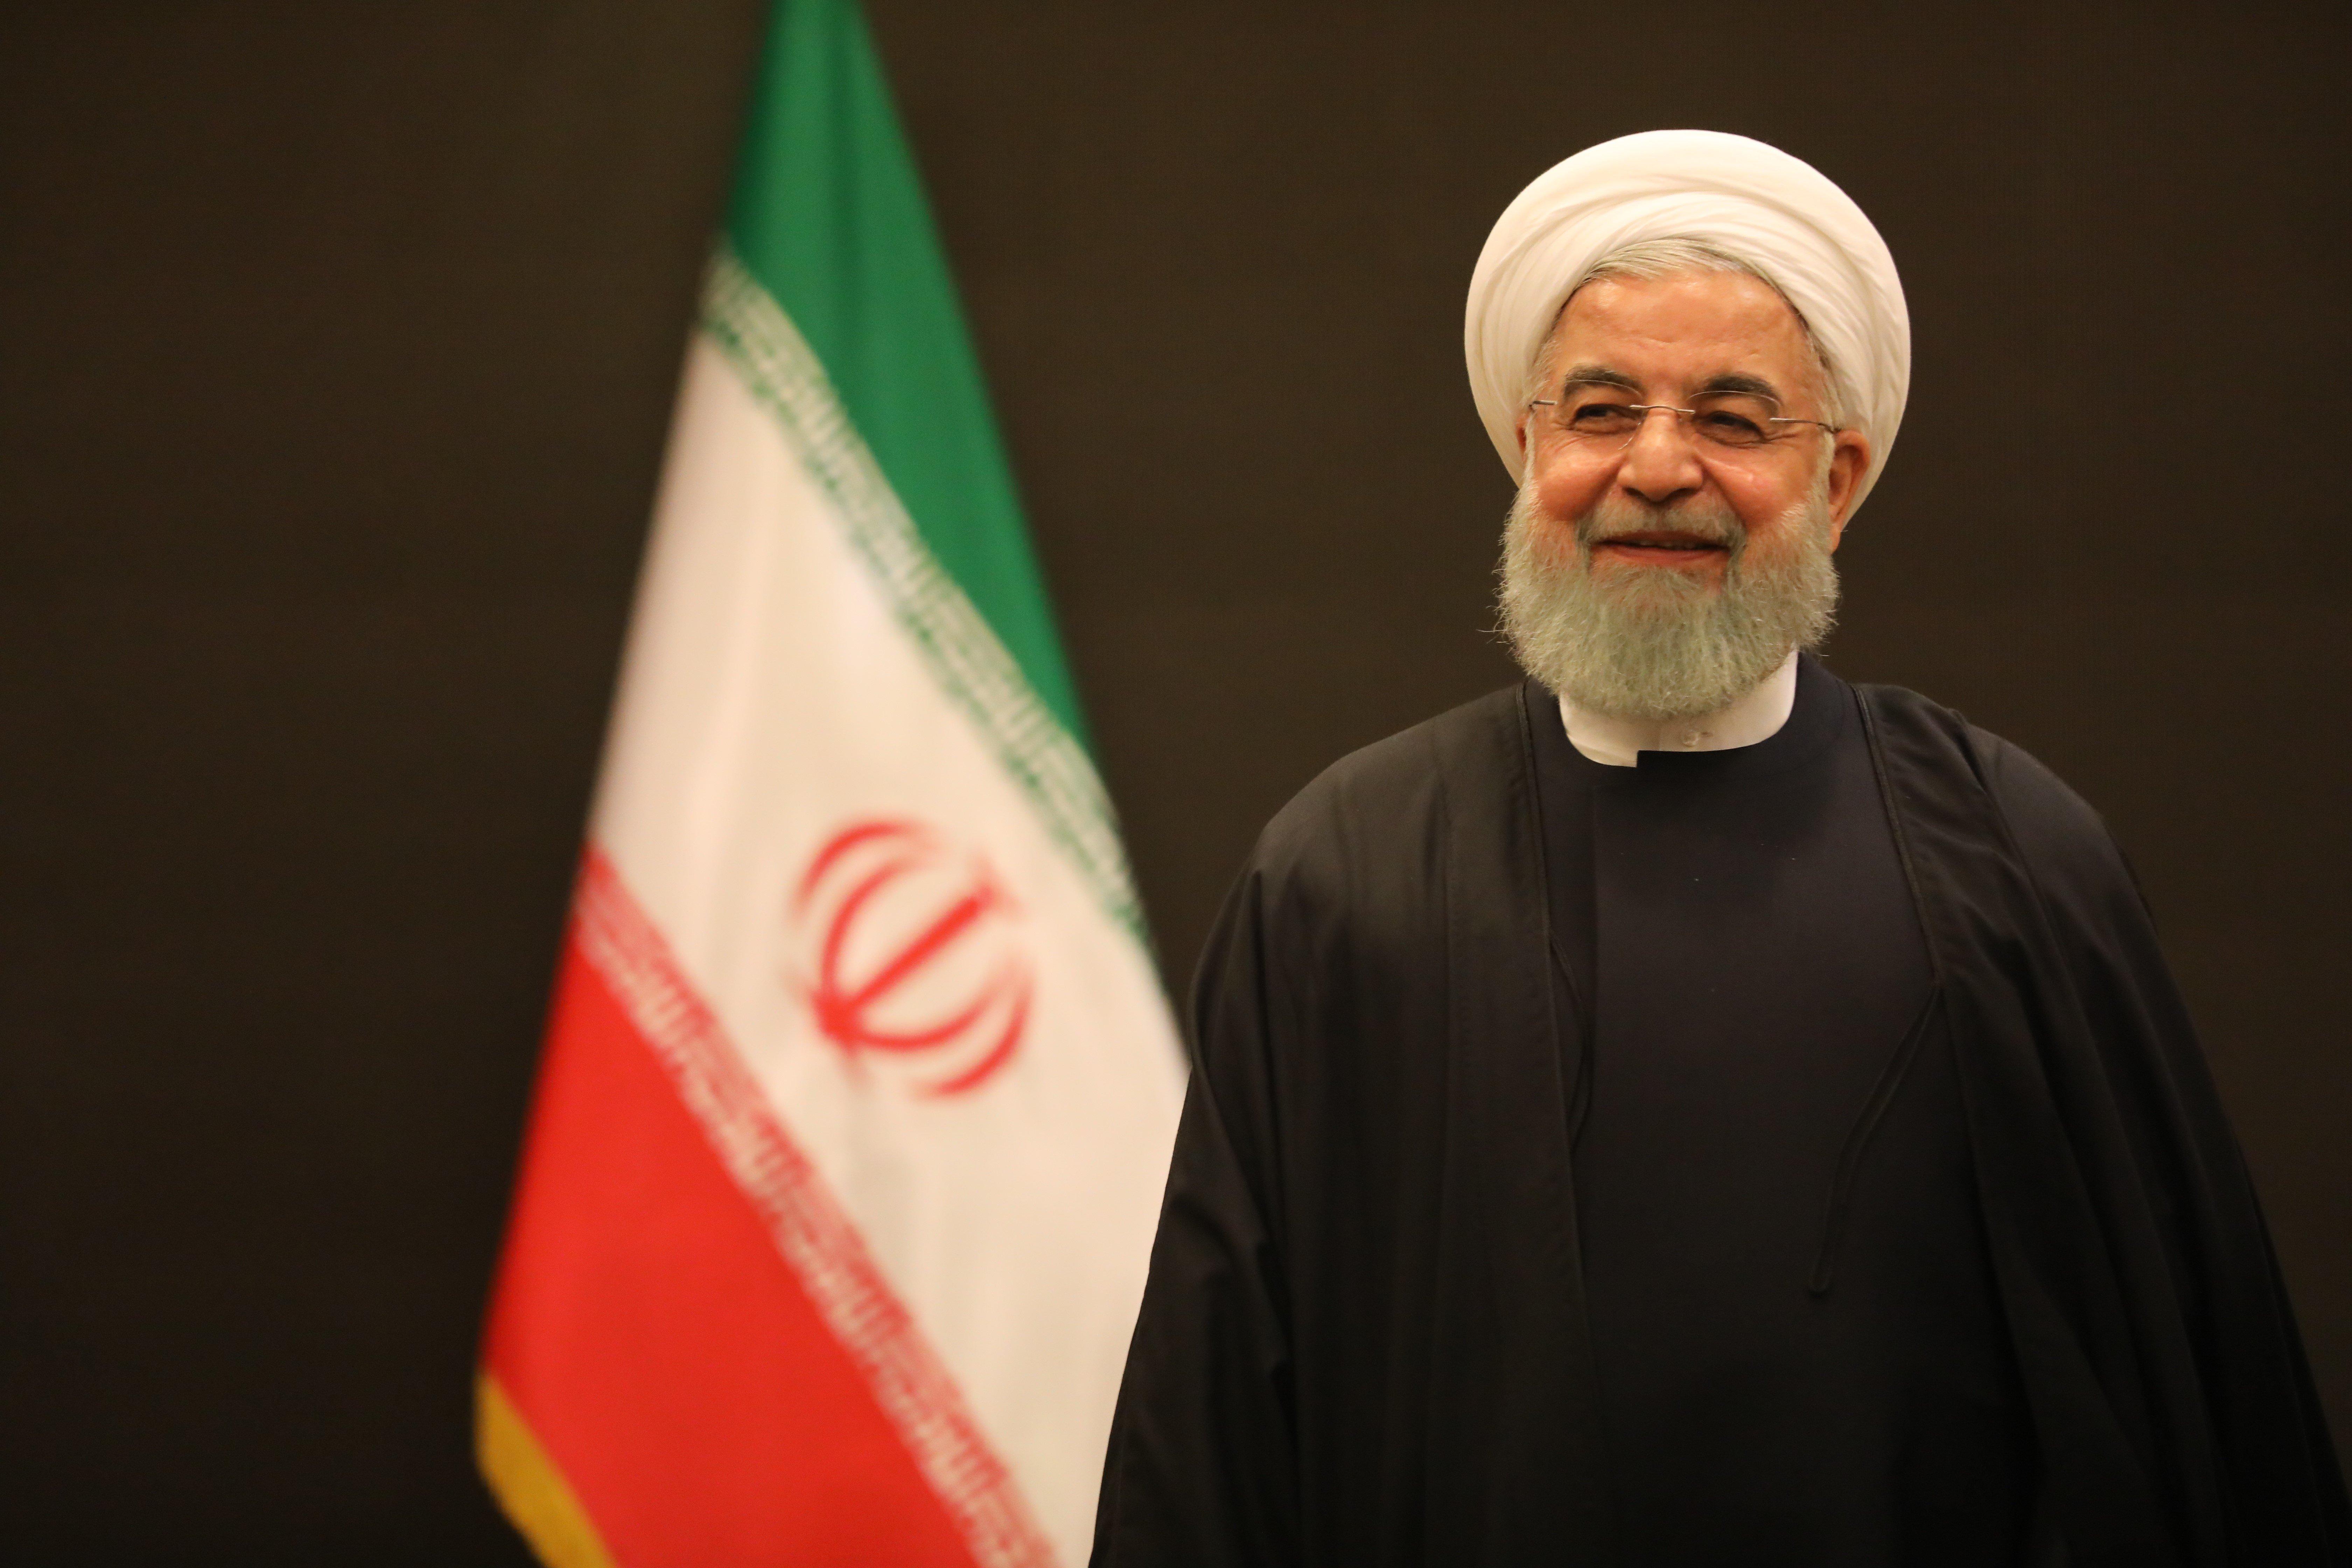 L'Iran accuse les Etats-Unis de